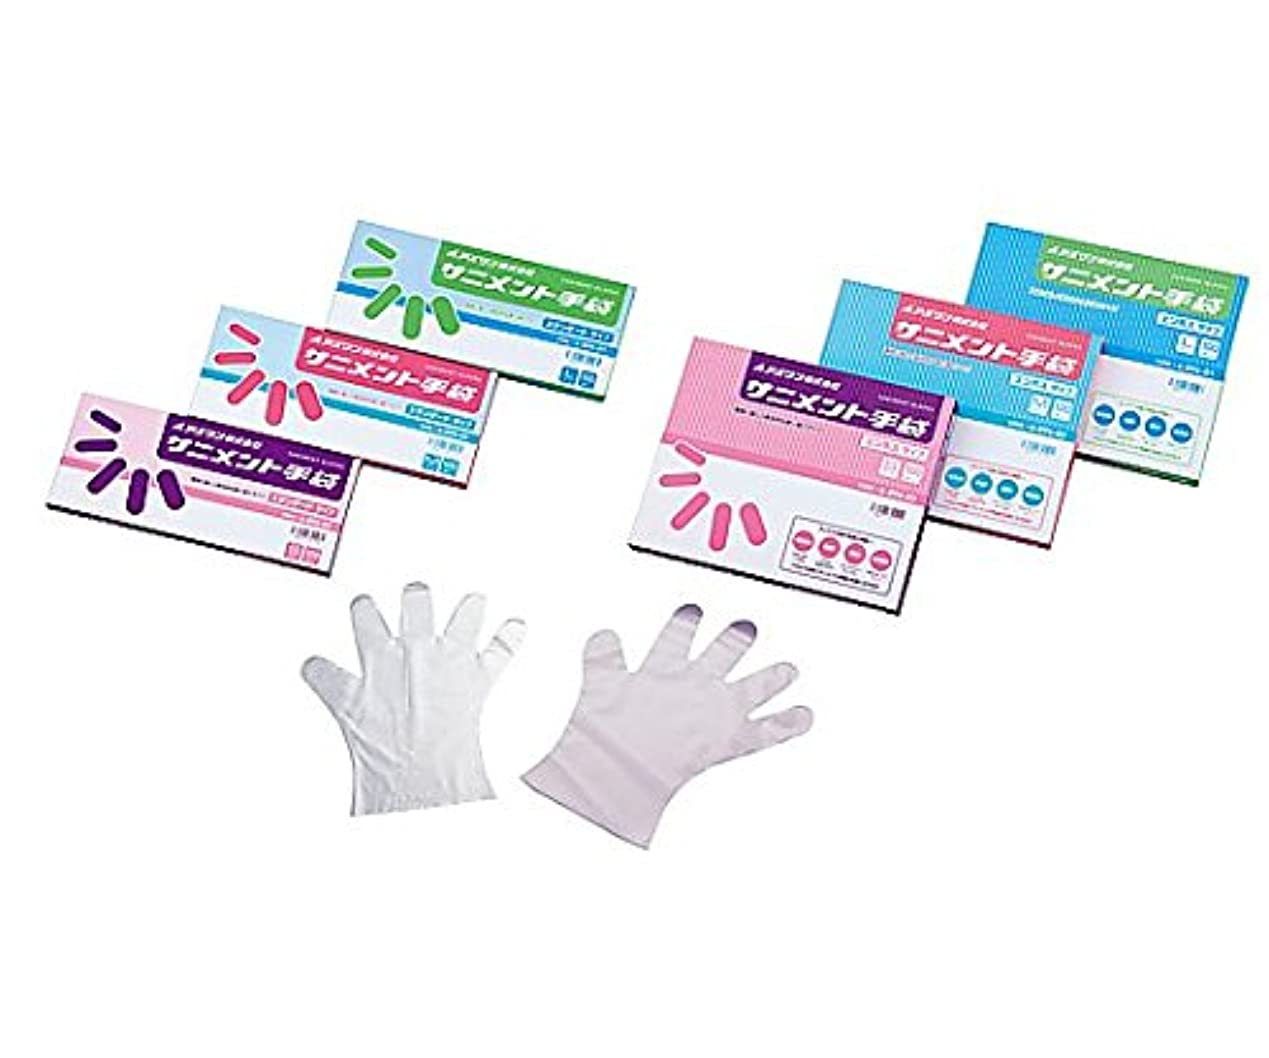 楽観的スペースストライプアズワン9-888-03ラボランサニメント手袋(PE?厚手タイプ)スタンダードS10箱+1箱